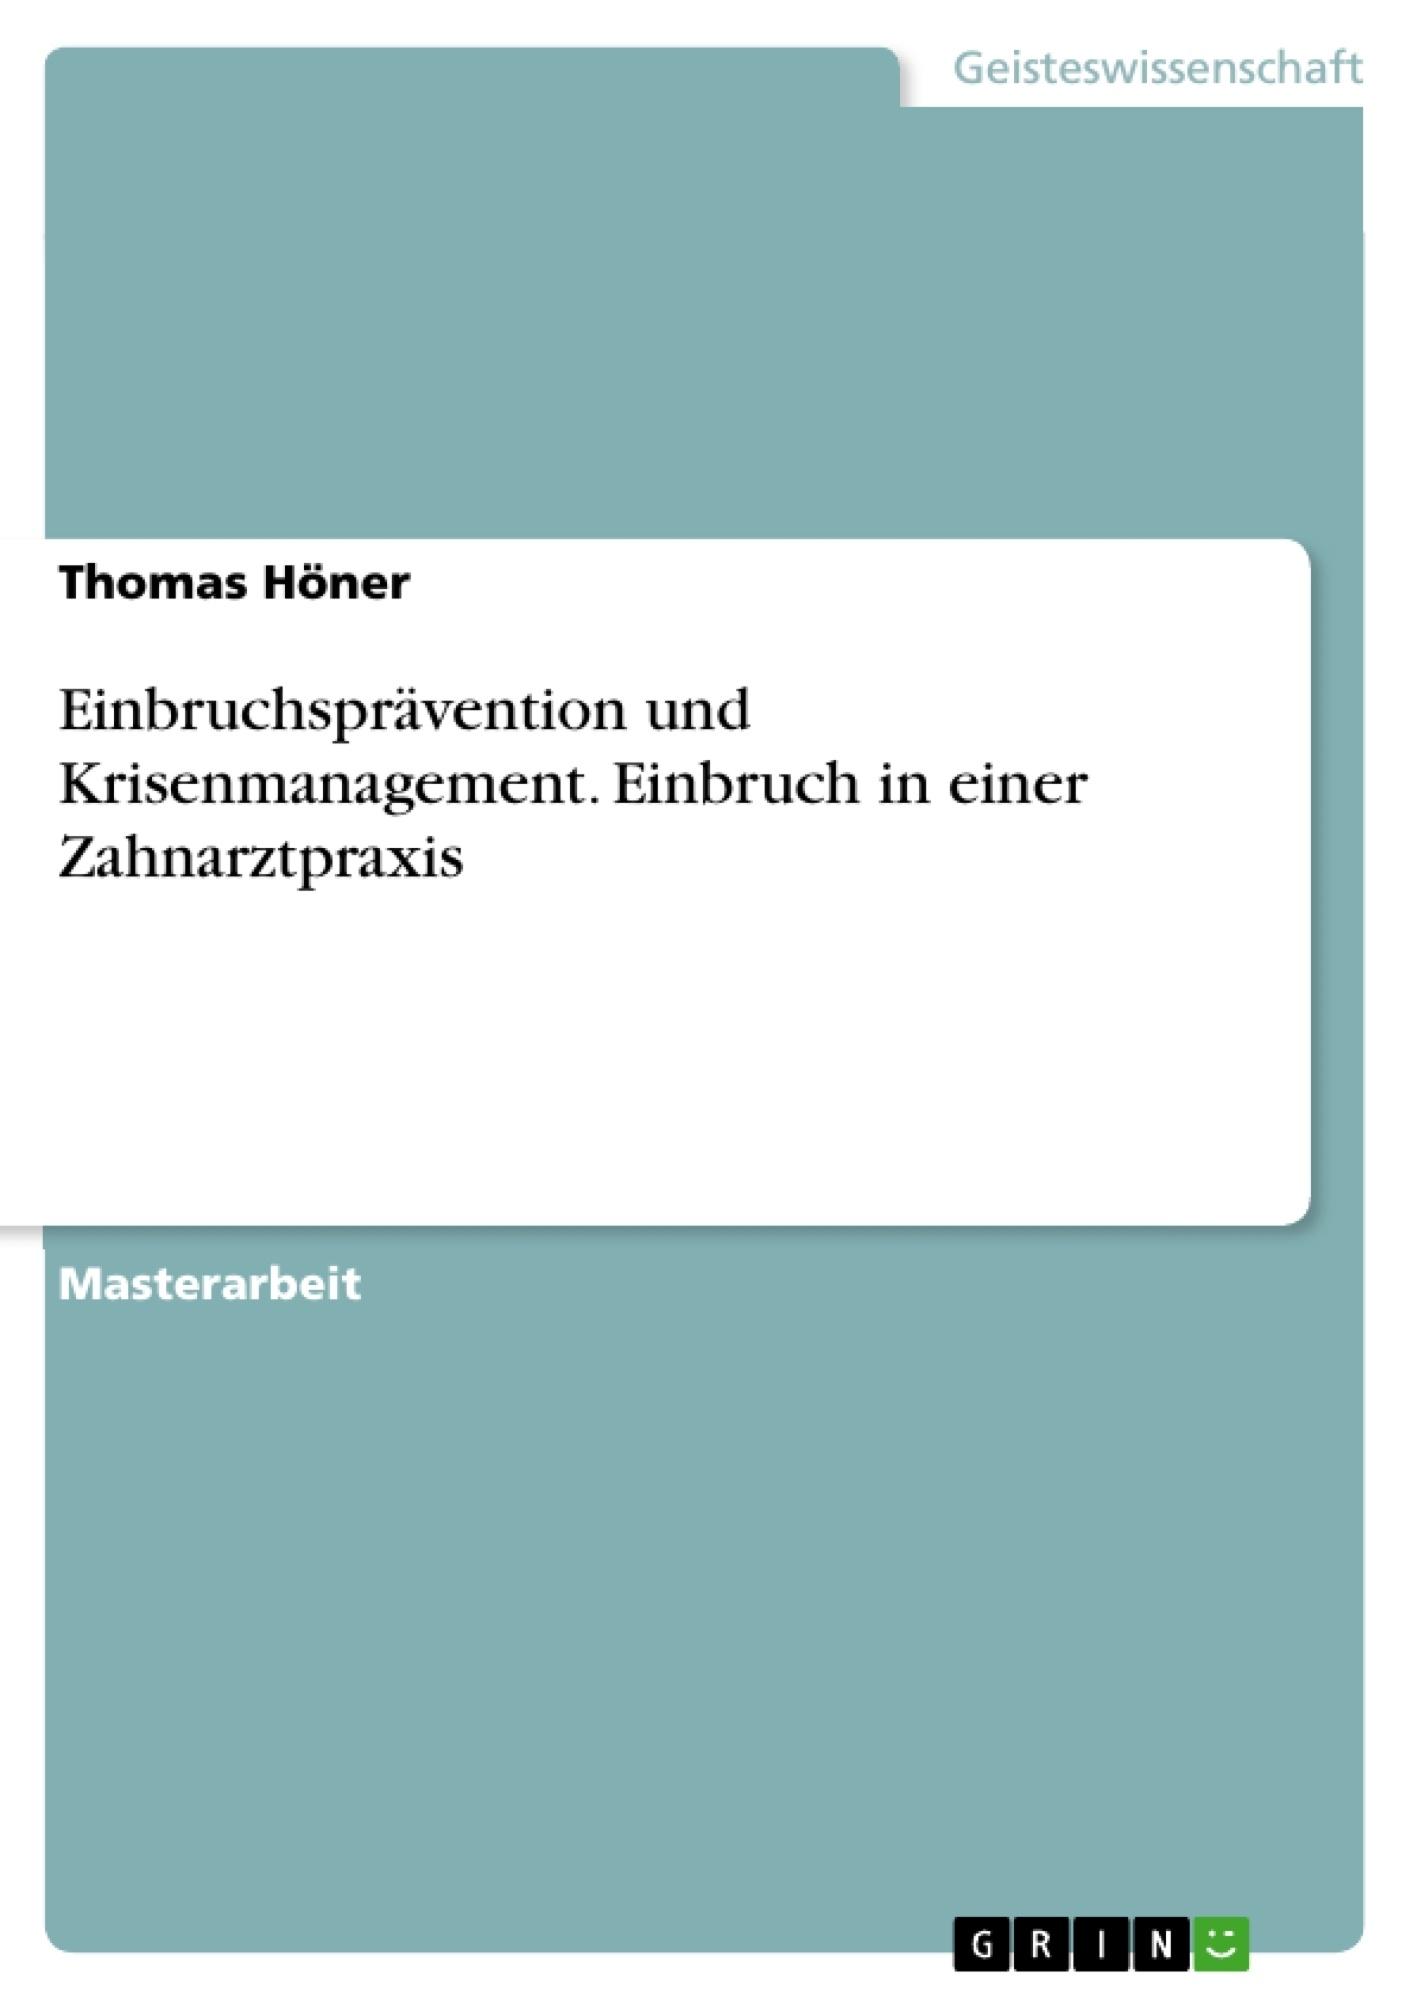 Titel: Einbruchsprävention und Krisenmanagement. Einbruch in einer Zahnarztpraxis